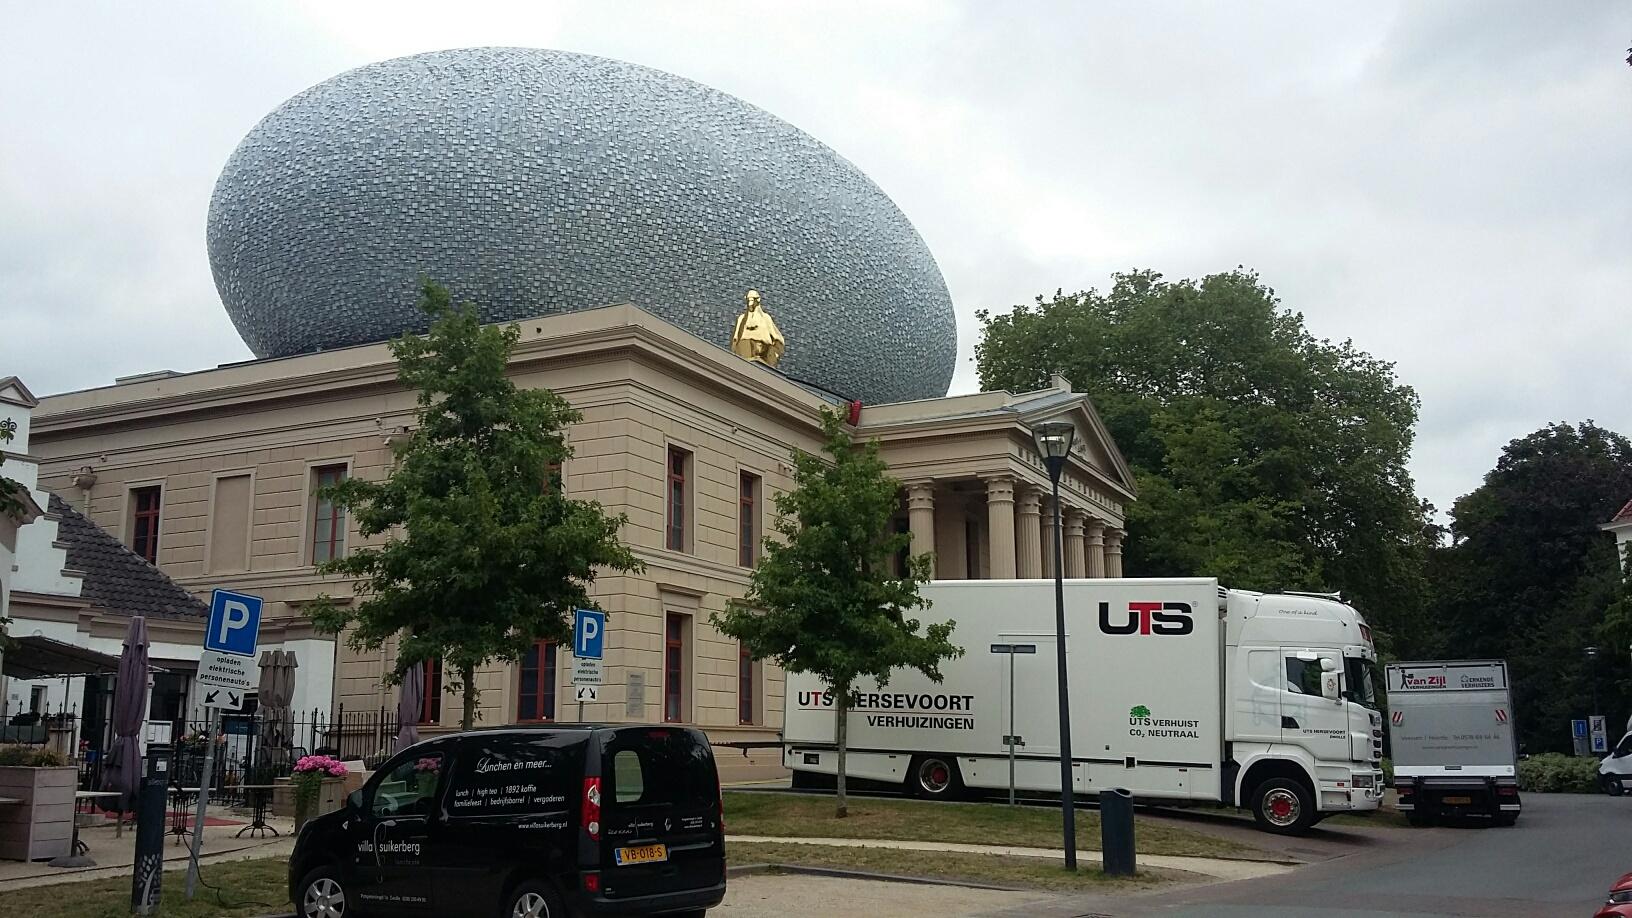 UTS - kunst verhuizen - Cibap